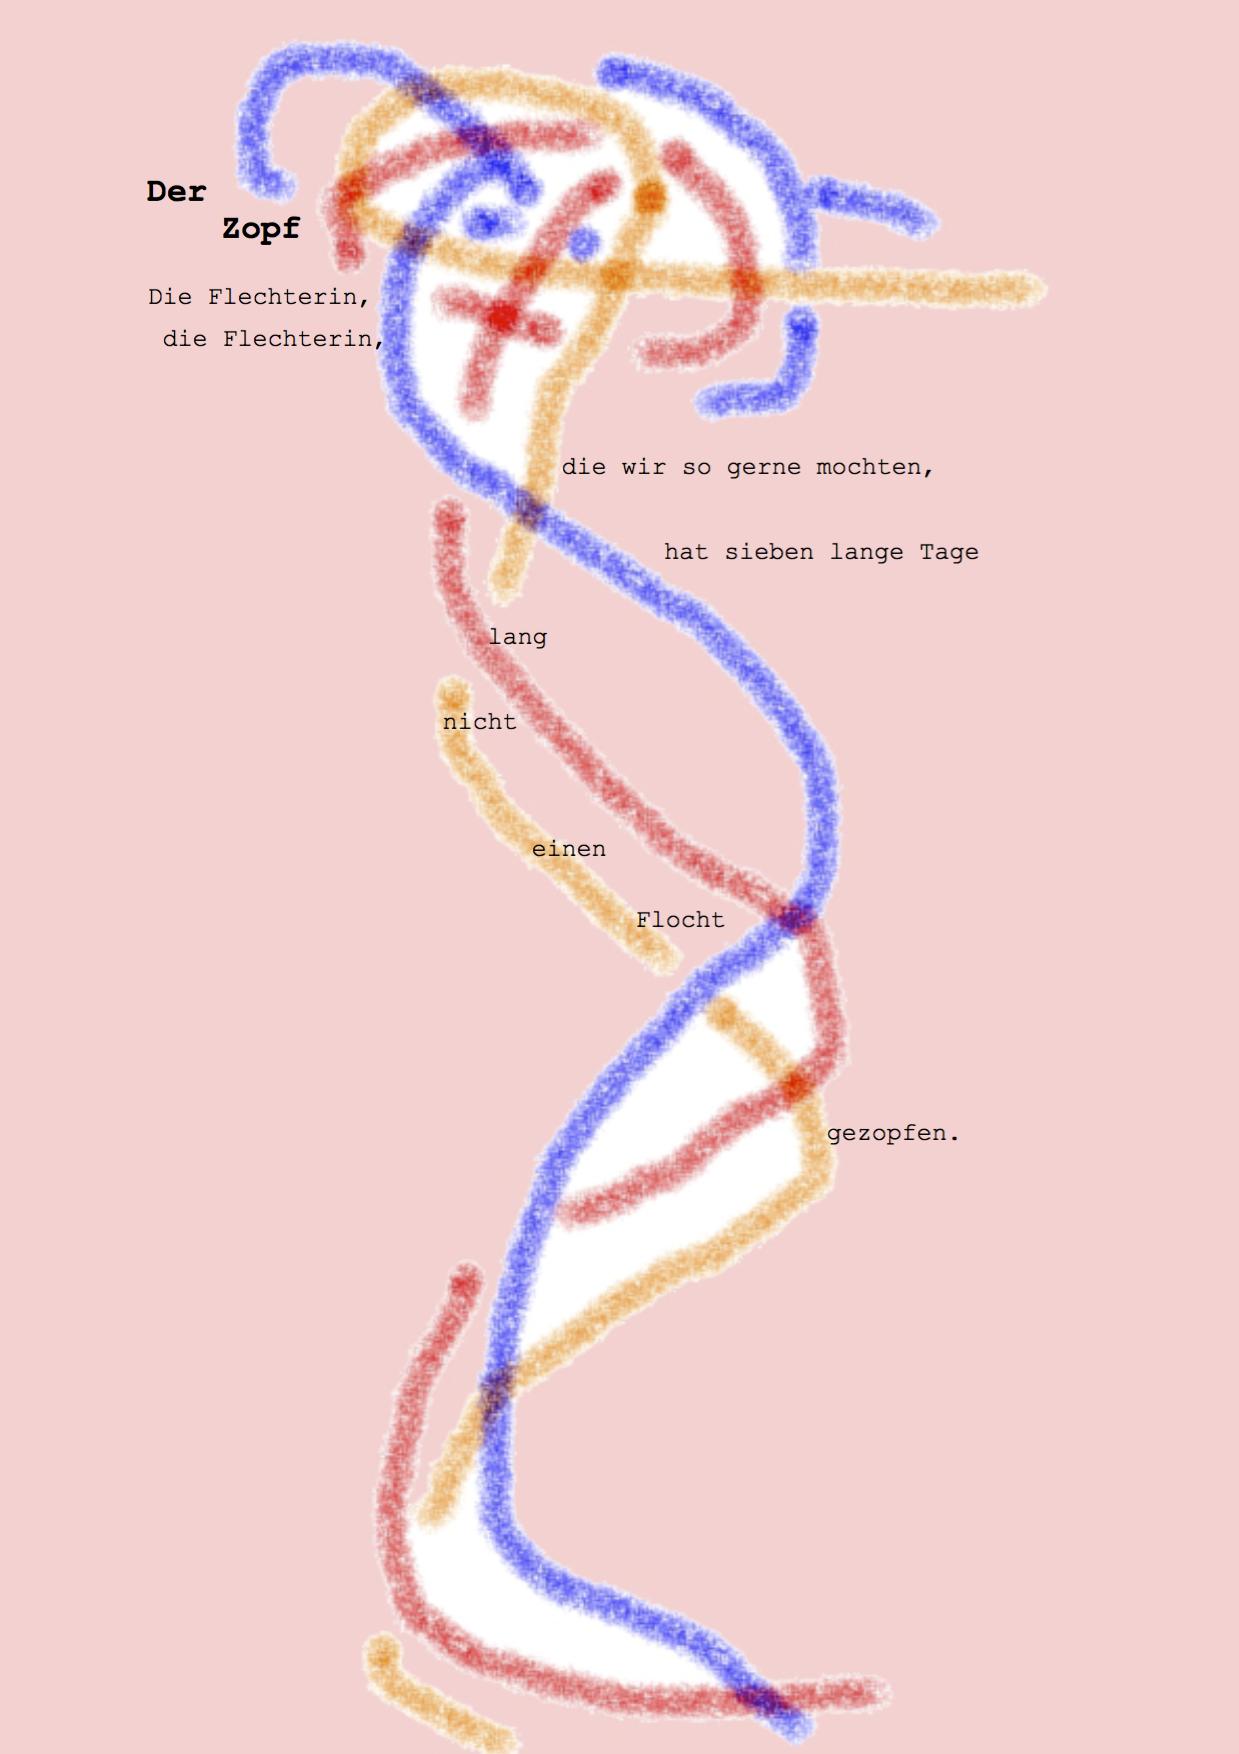 Der Zopf 26.02.2004